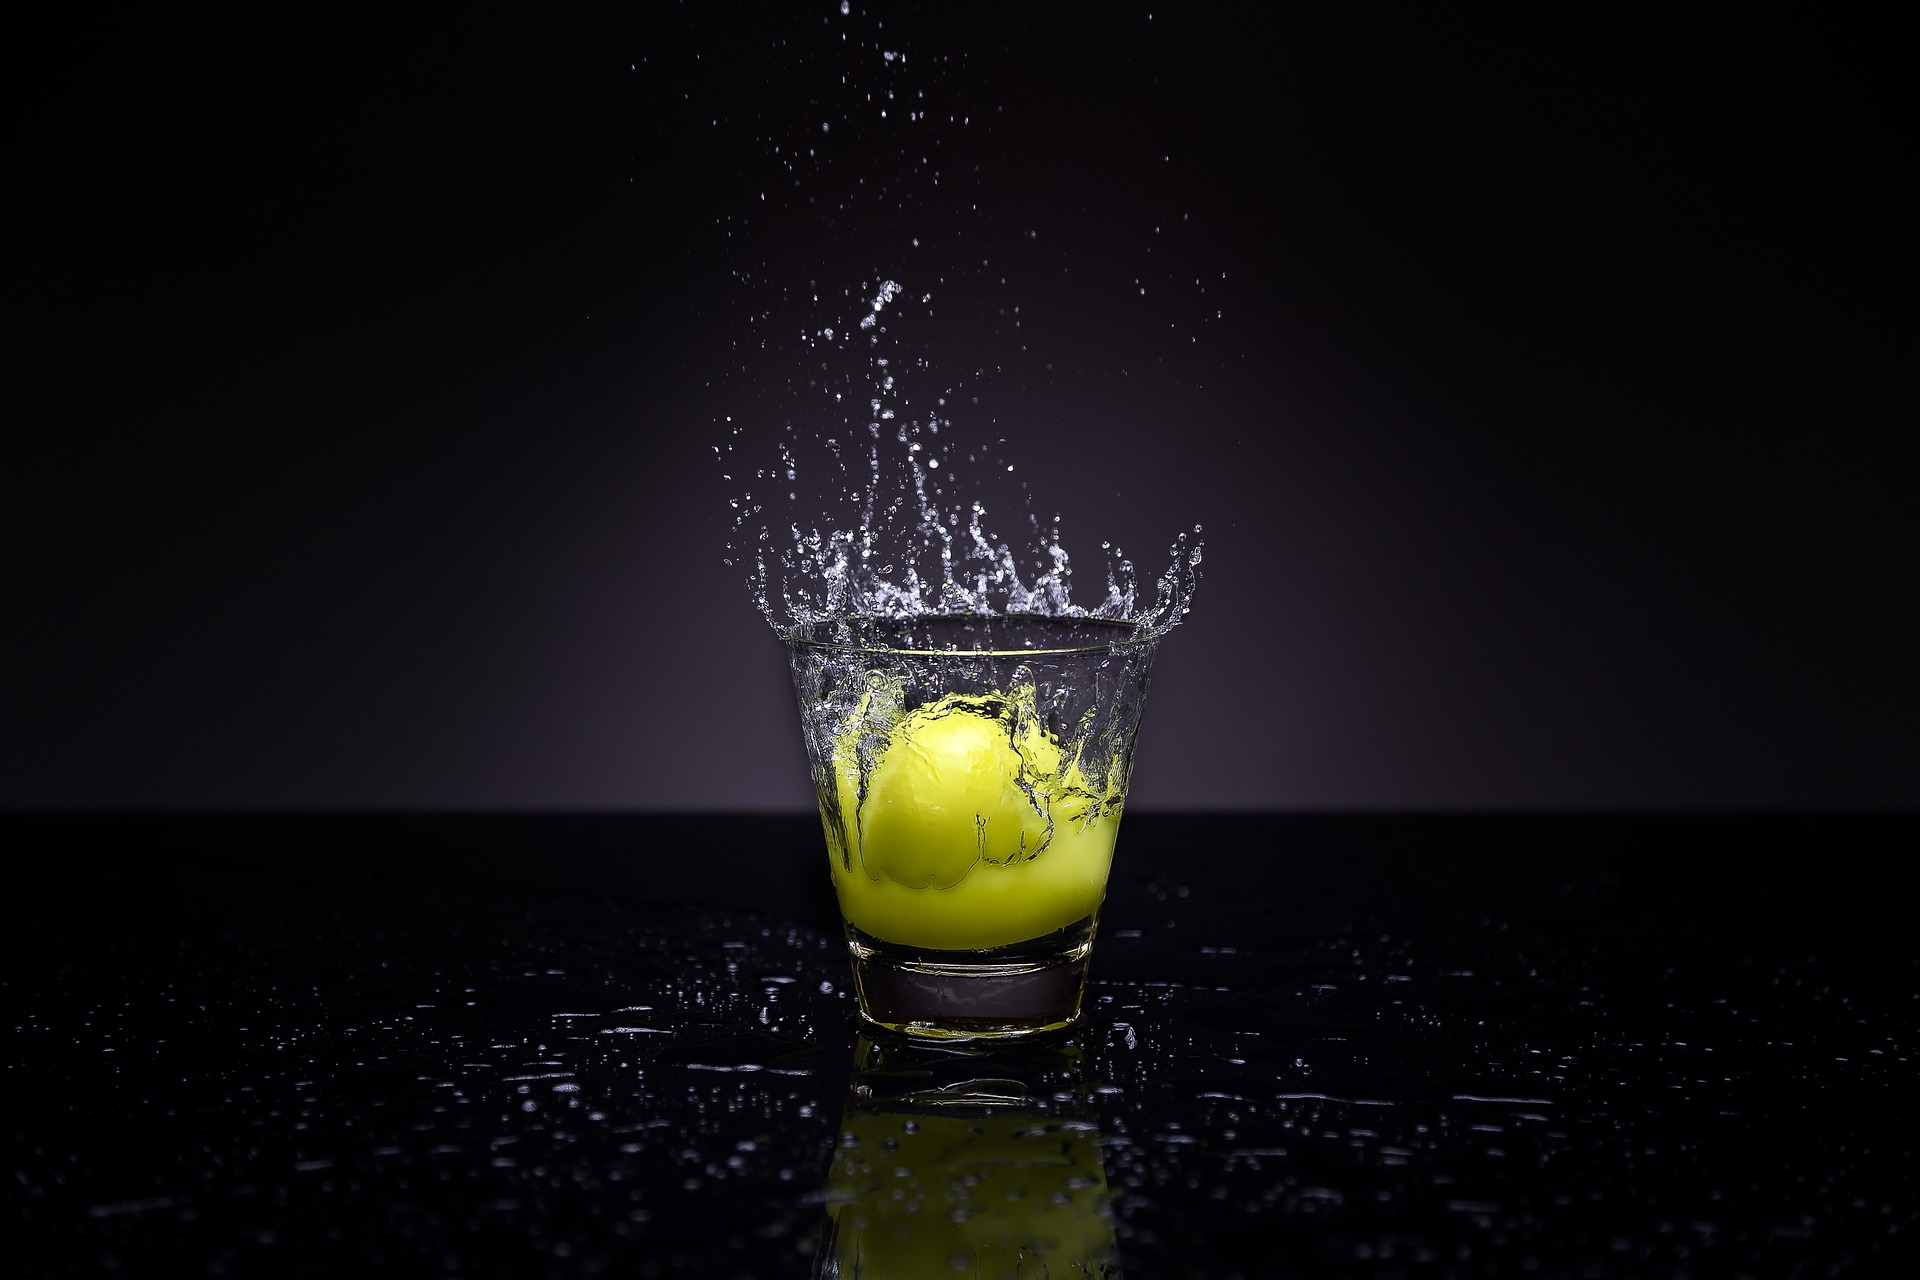 água, vidro, limão, gotas, respingo - Papéis de parede HD - Professor-falken.com